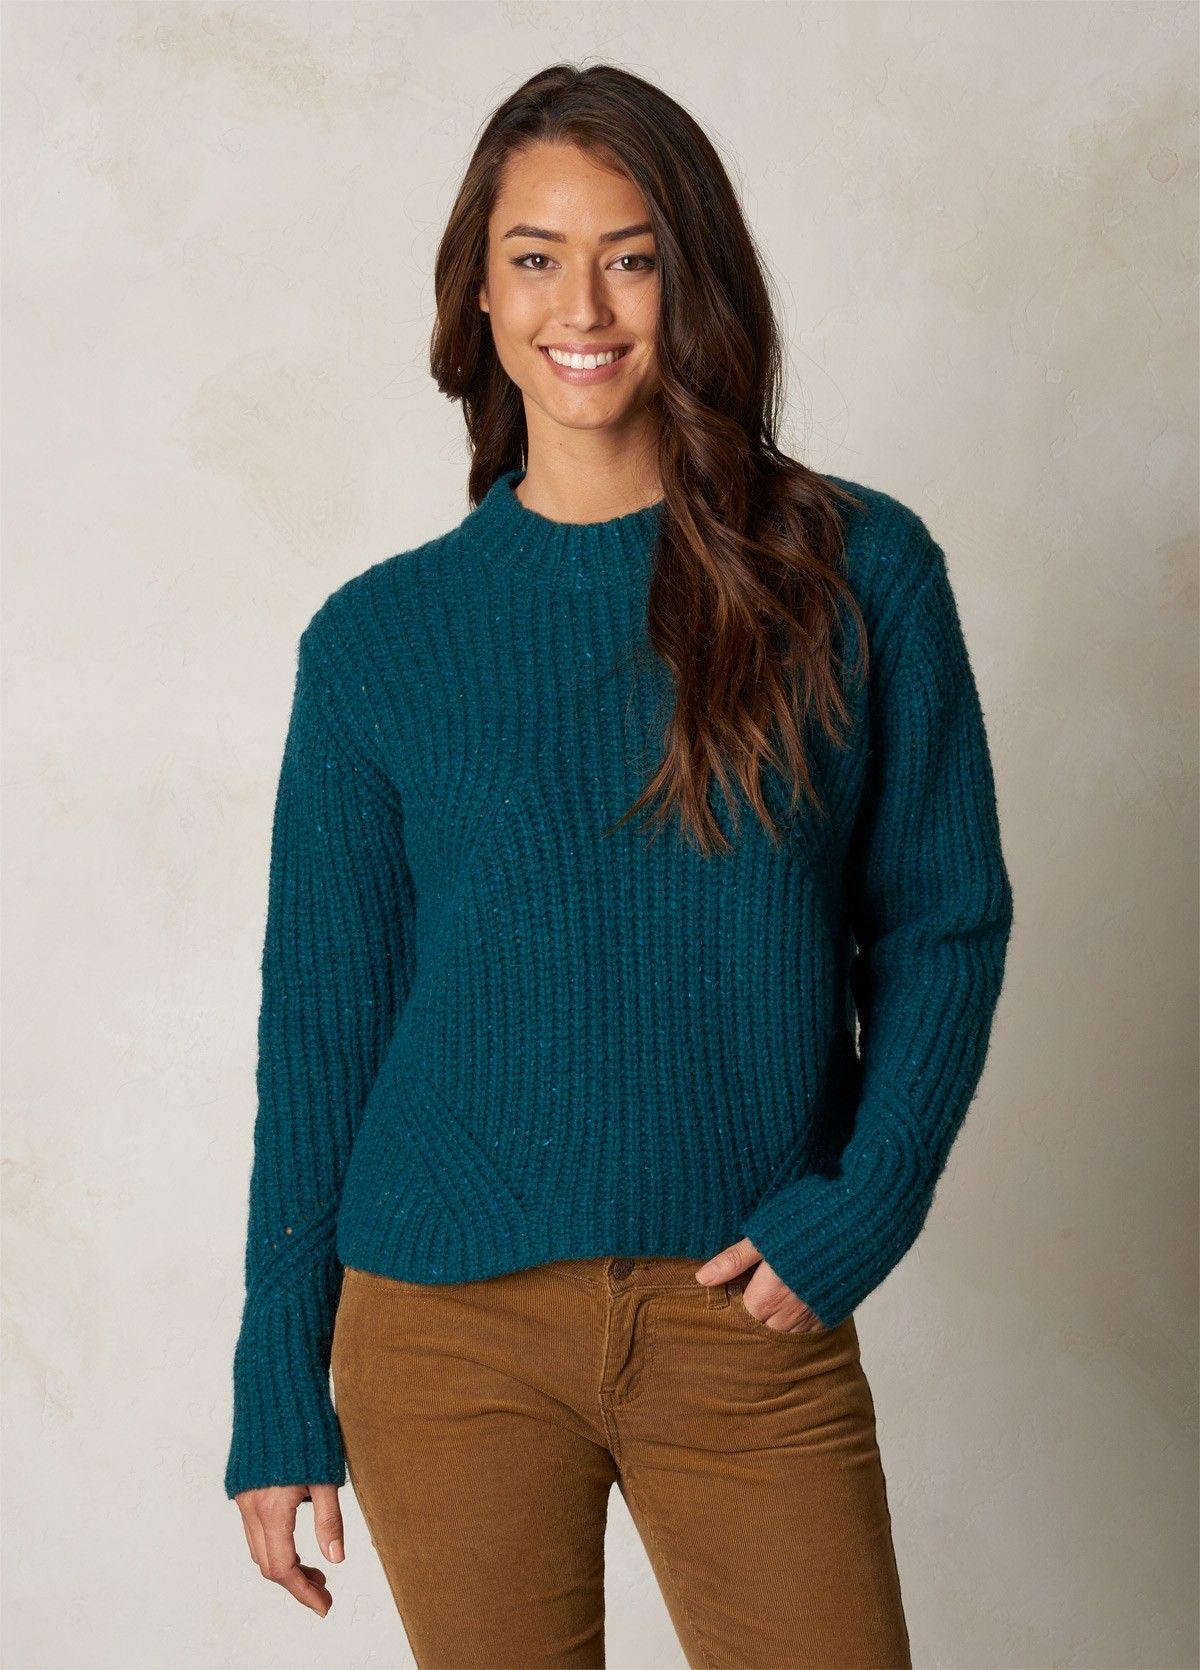 Sweater crop pattern nude (sweaters)™ - Monochrome